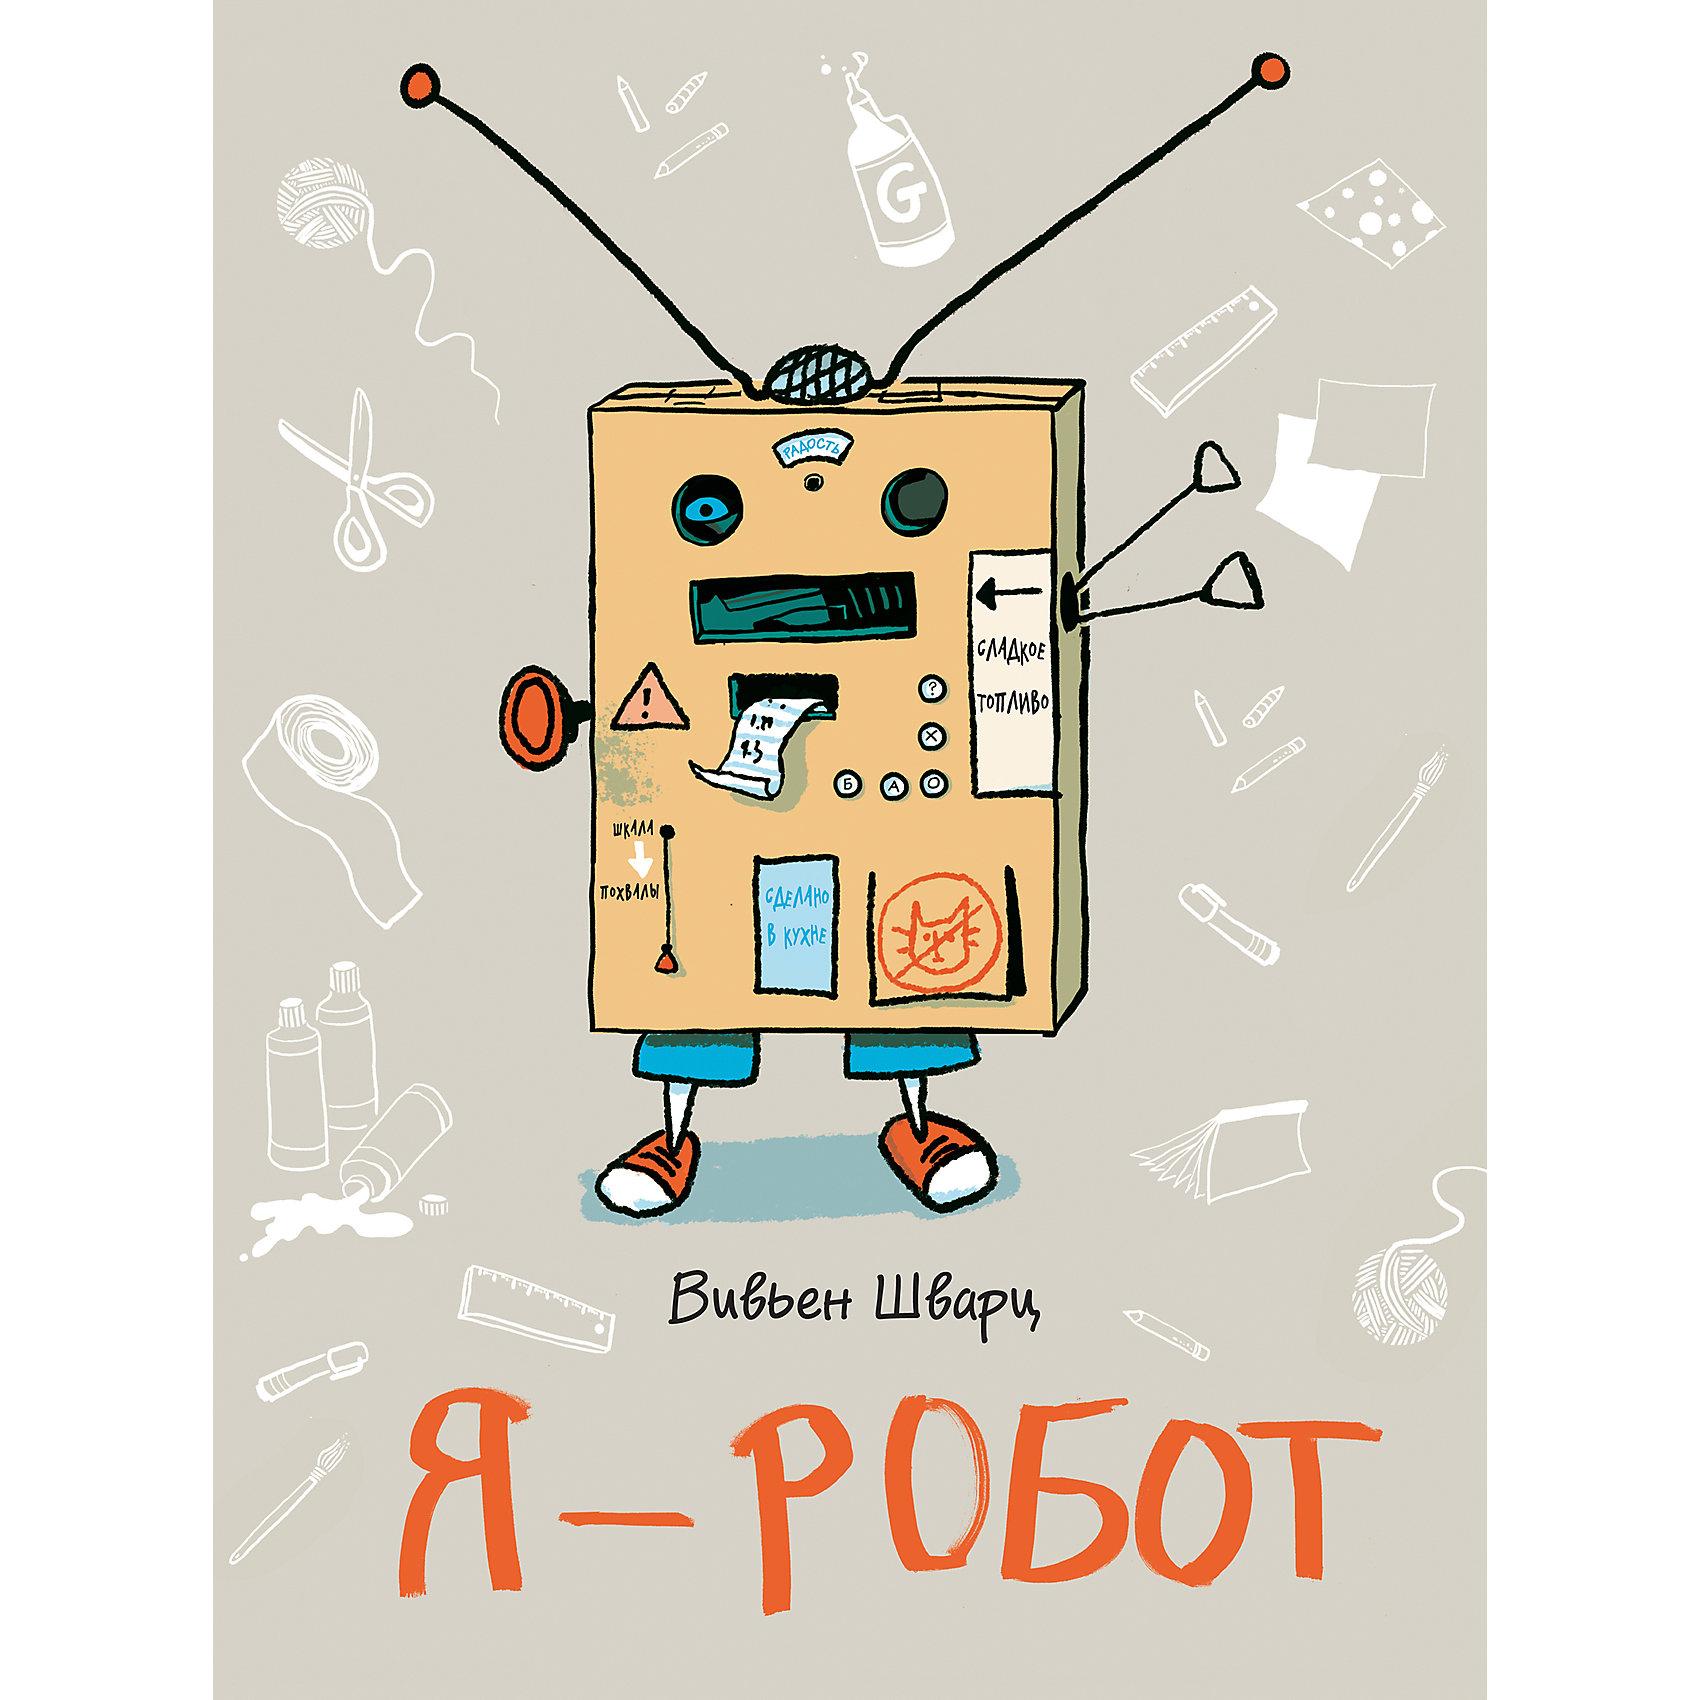 Я - роботМанн, Иванов и Фербер<br>Представьте, что вы получили посылку, на которой написано: «Я - робот». Вы открываете картонную коробку. Достаете из нее инструкцию по сборке робота и... всё. Больше в коробке нет ничего. Странно? Нисколько. Ведь больше ничего не нужно!<br><br>В этой необычной и веселой книге вас ждут:<br><br>История-комикс о мальчике, который вместе с мамой собирает робота из пустой картонной коробки.<br>Инструкция по сборке, которую читает тот самый мальчик и по которой вы сами сможете собрать собственного робота.<br>А также: множество идей и подсказок, как усовершенствовать вашу конструкцию, образцы деталей, которые можно скопировать или даже вырезать из книги, и обязательный сертификат главного конструктора и его взрослого помощника!<br><br>Ширина мм: 320<br>Глубина мм: 240<br>Высота мм: 40<br>Вес г: 270<br>Возраст от месяцев: 96<br>Возраст до месяцев: 168<br>Пол: Унисекс<br>Возраст: Детский<br>SKU: 5535129